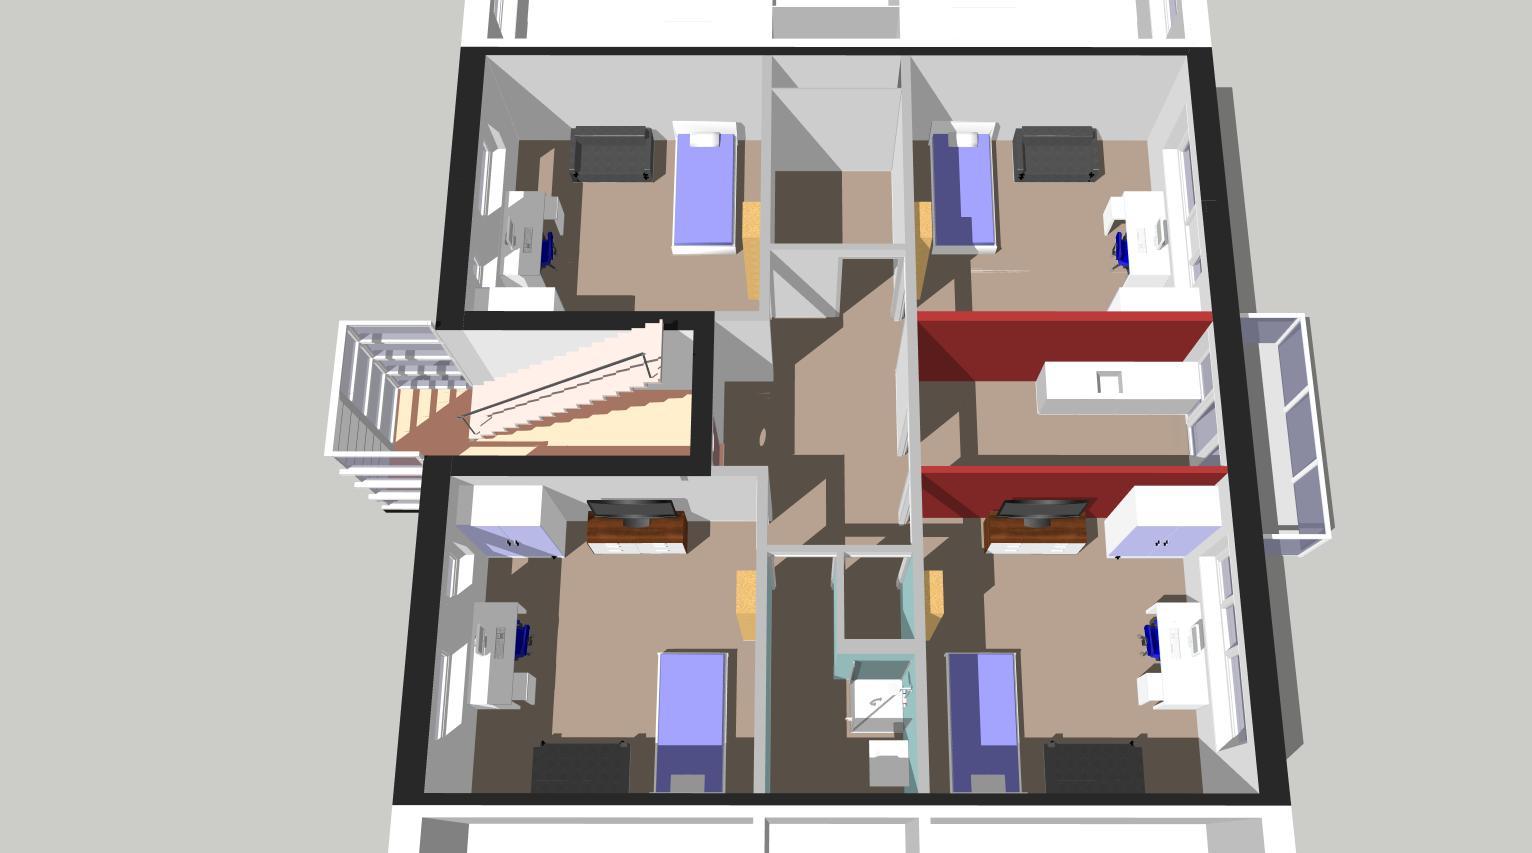 Indelingsvariant woonopp. 95 m2, 4 aparte kamers + gemeenschappelijke keuken en badkamer